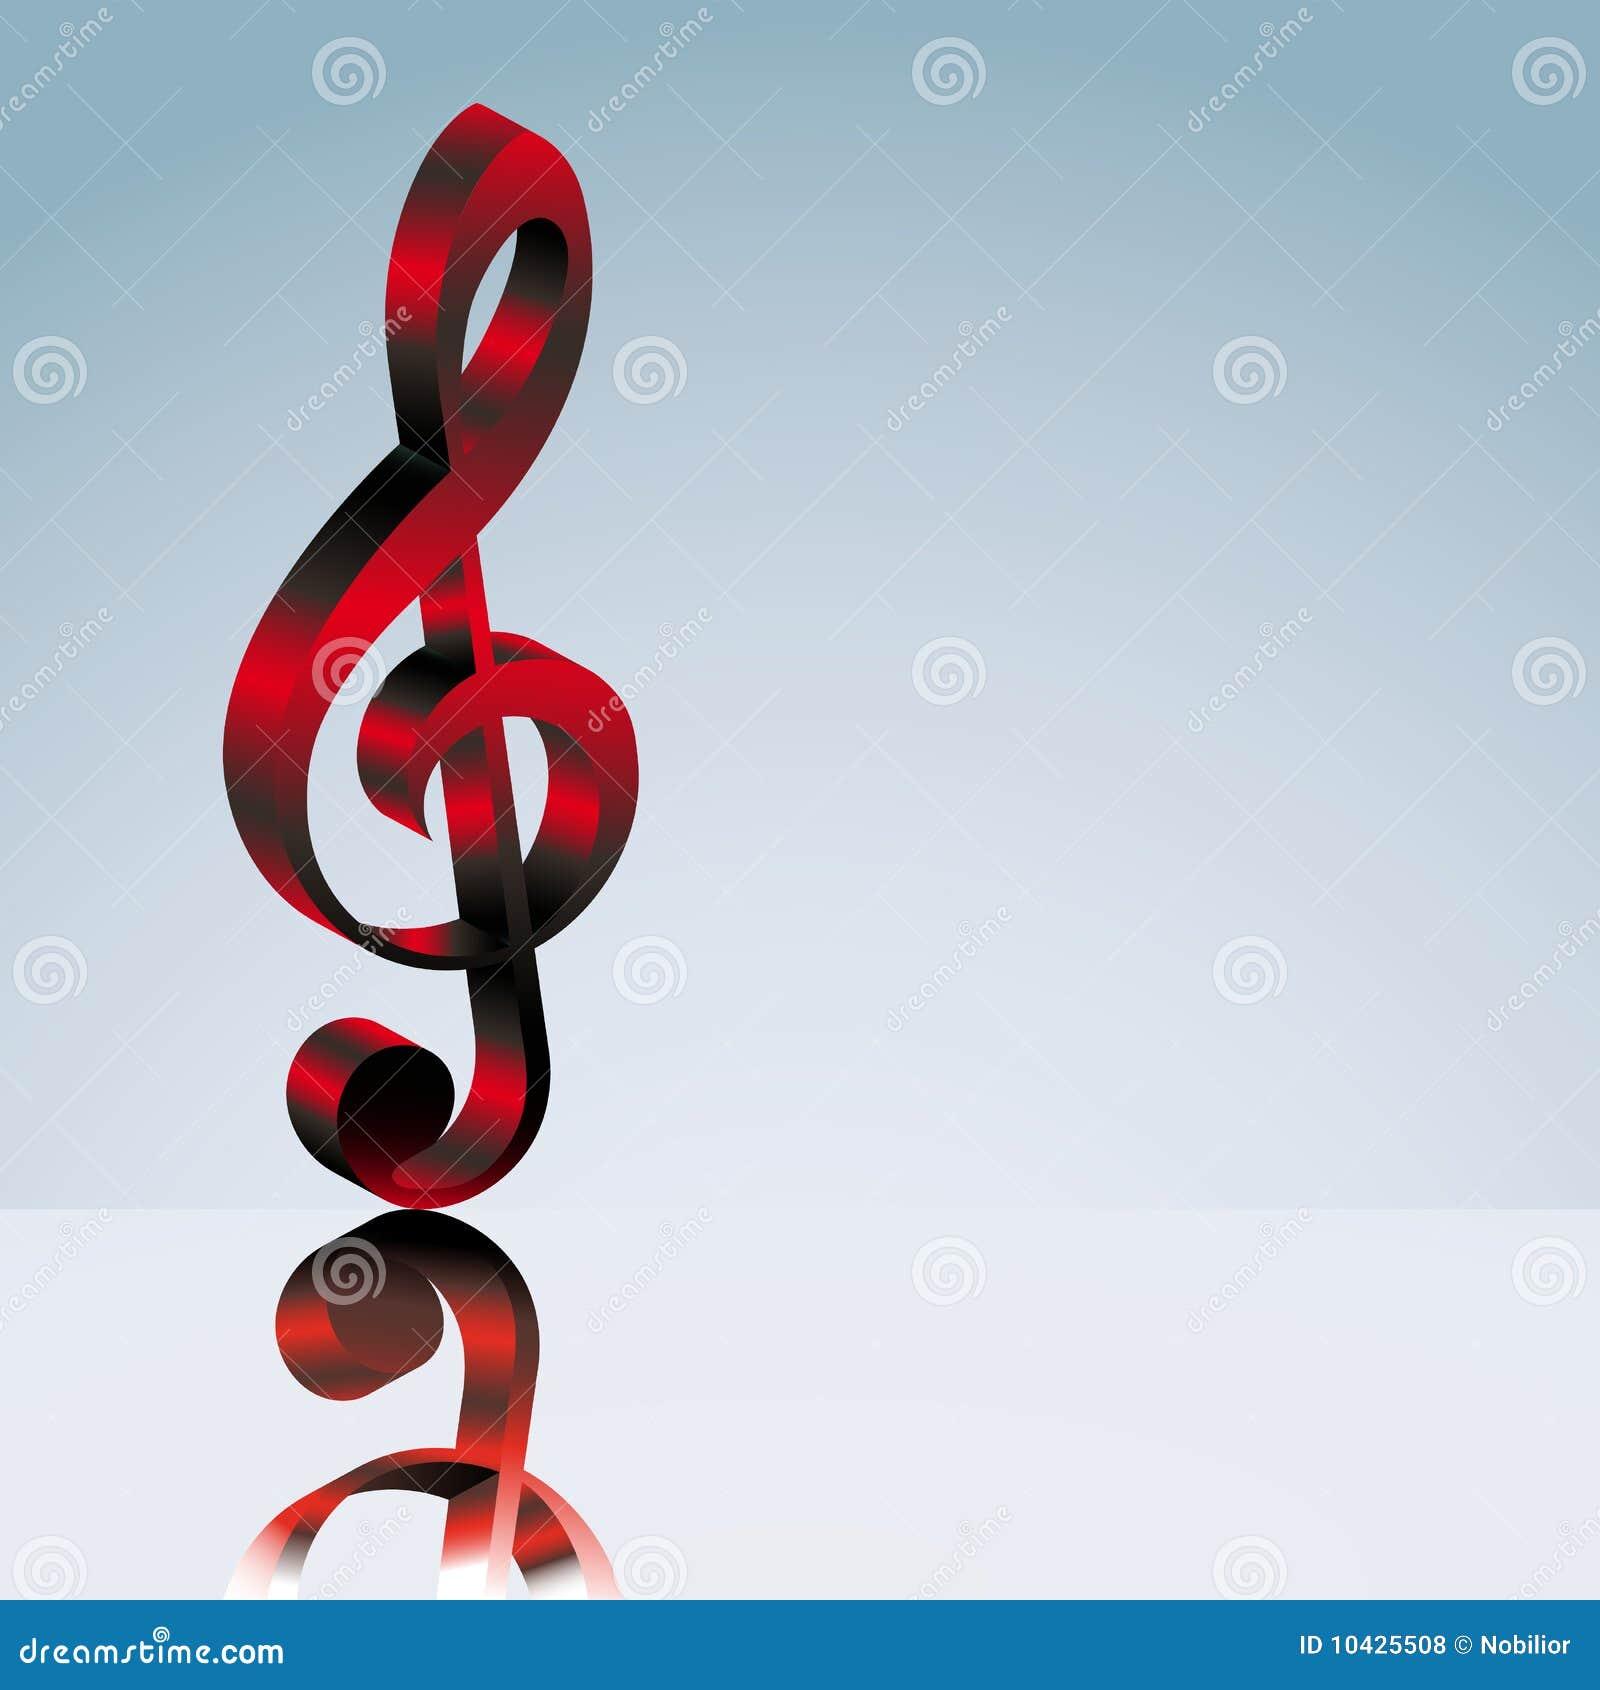 Image Result For Download Background Instrumental Musica